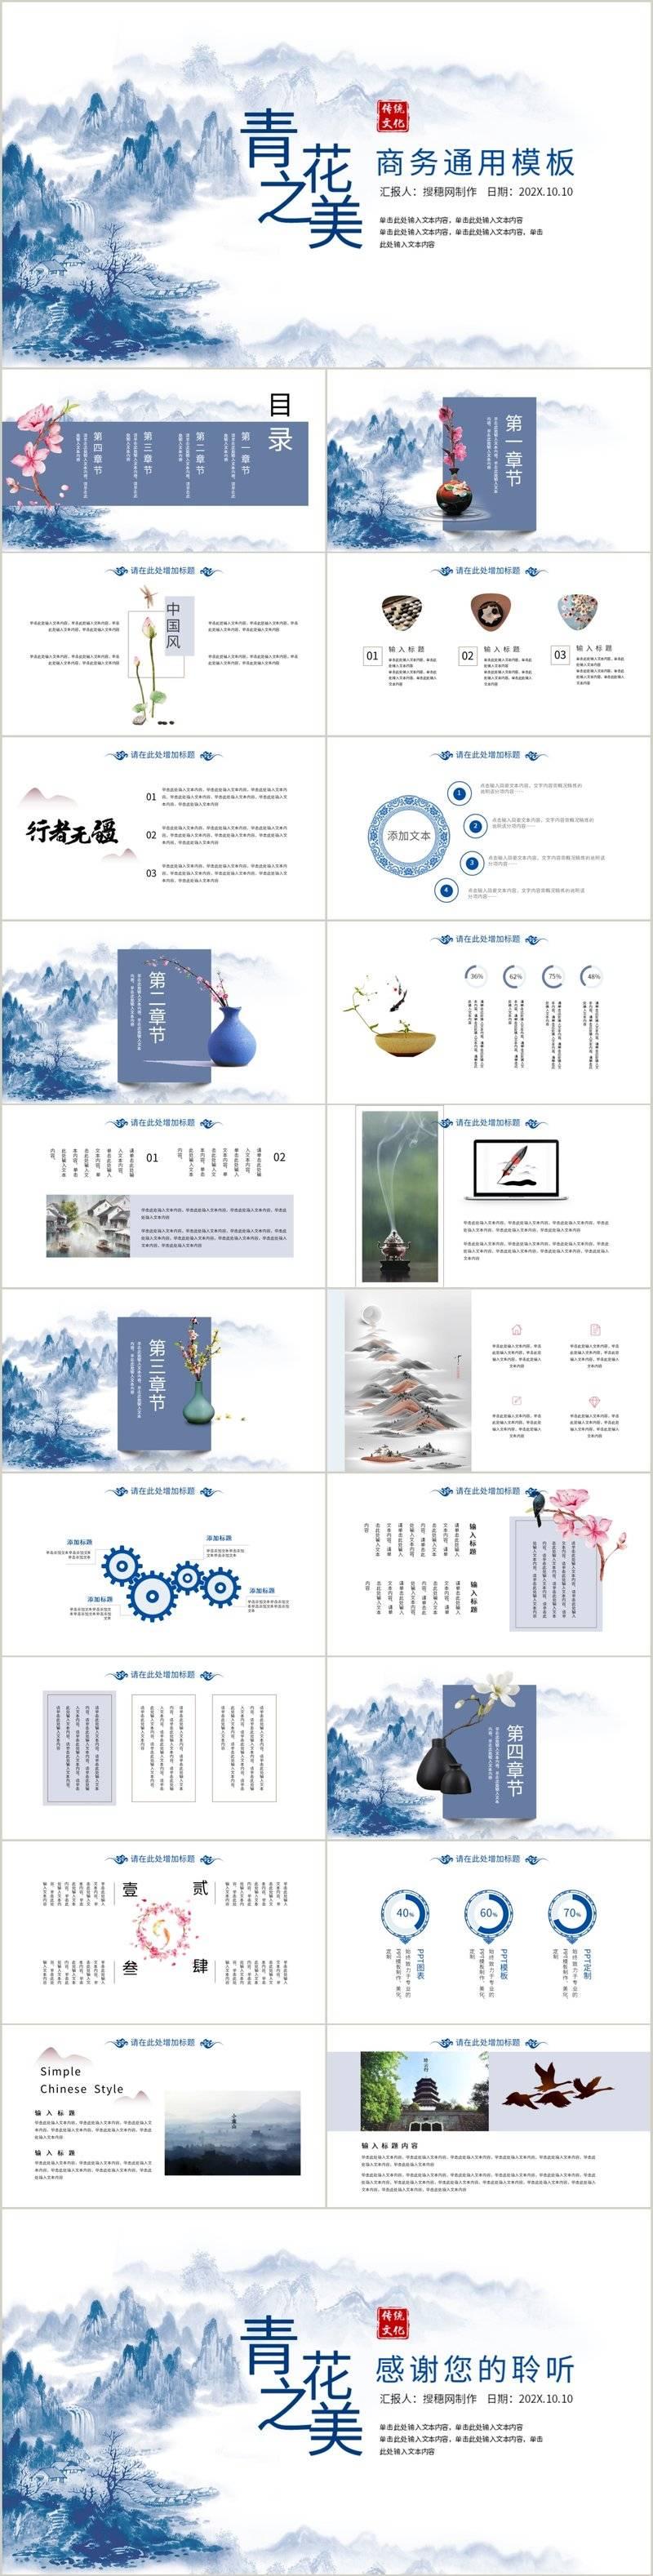 中国传统文化青花之美青花瓷主题商务通用PPT模板